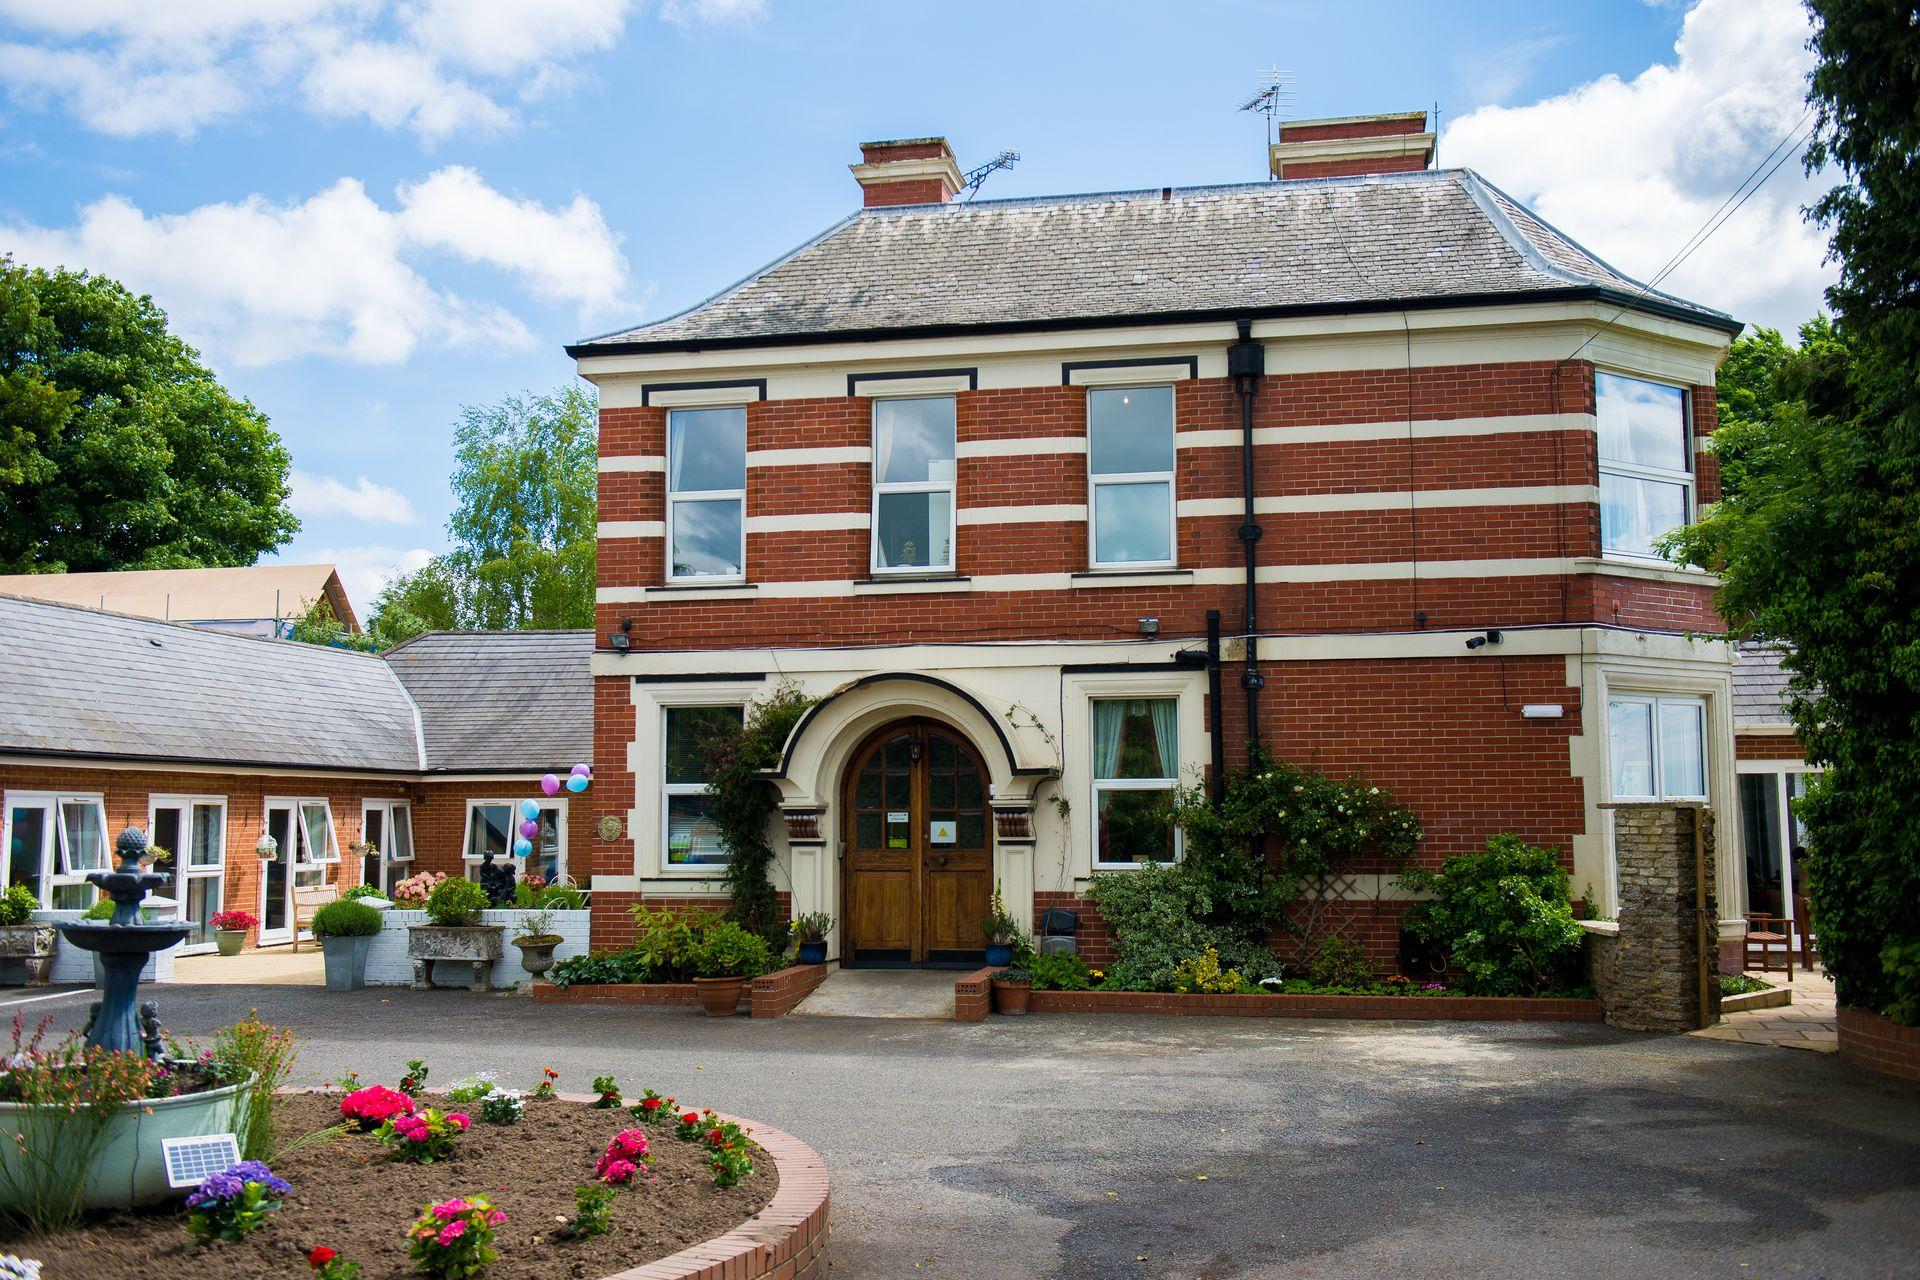 Springfield Manor Nursing Home